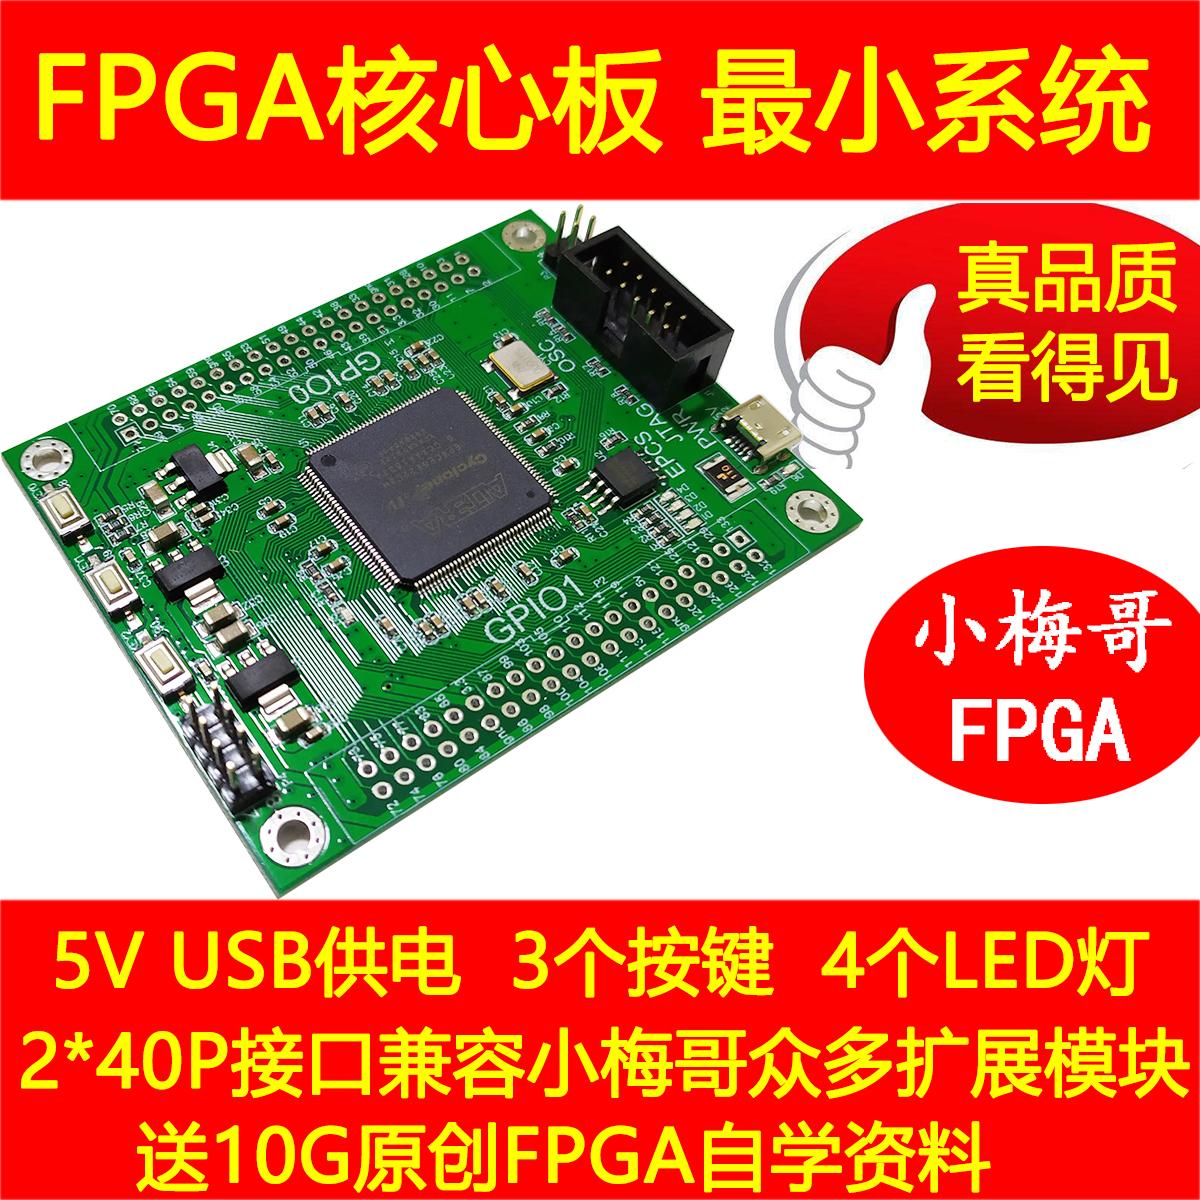 中國代購|中國批發-ibuy99|������mate8|小梅哥FPGA 核心板 开发板 EP4CE6E22C8 项目开发 电子设计 适用